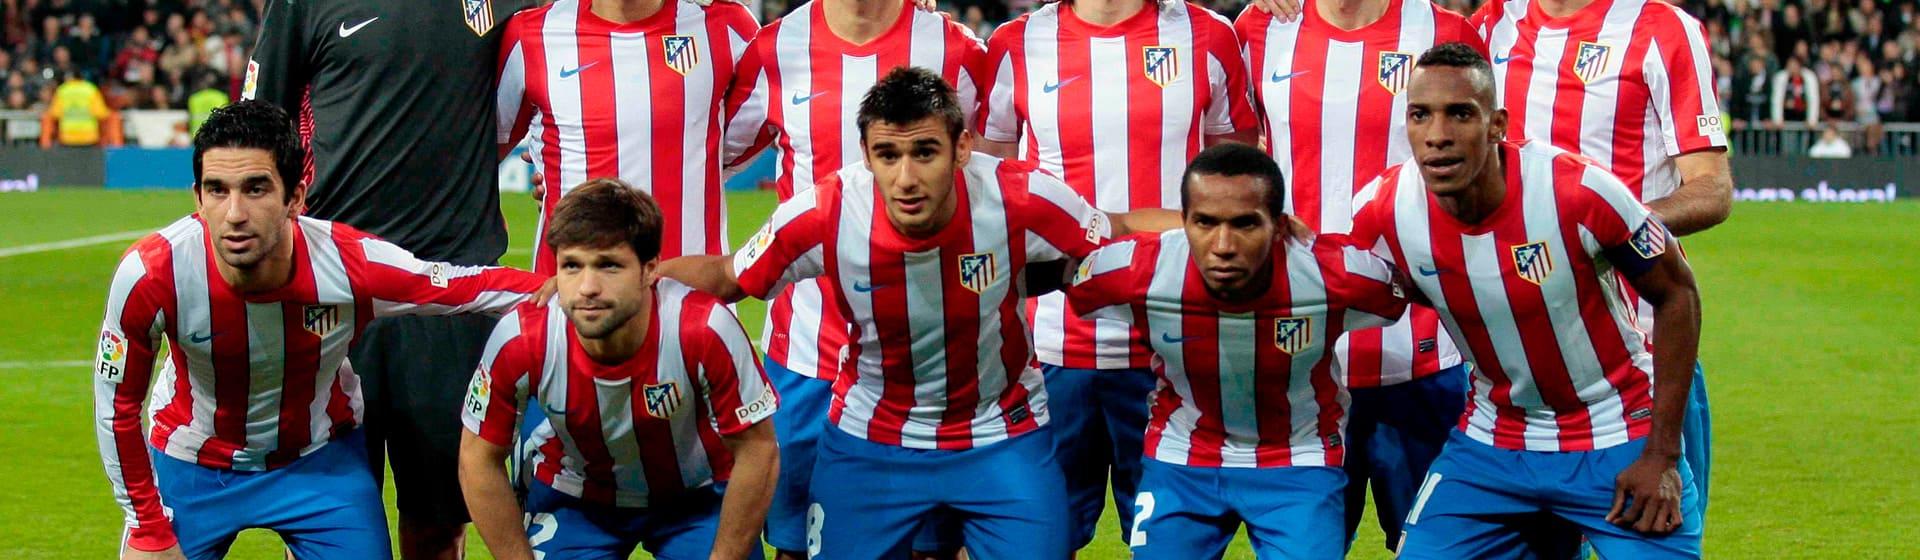 FC Atletico Madrid - Женские бомберы